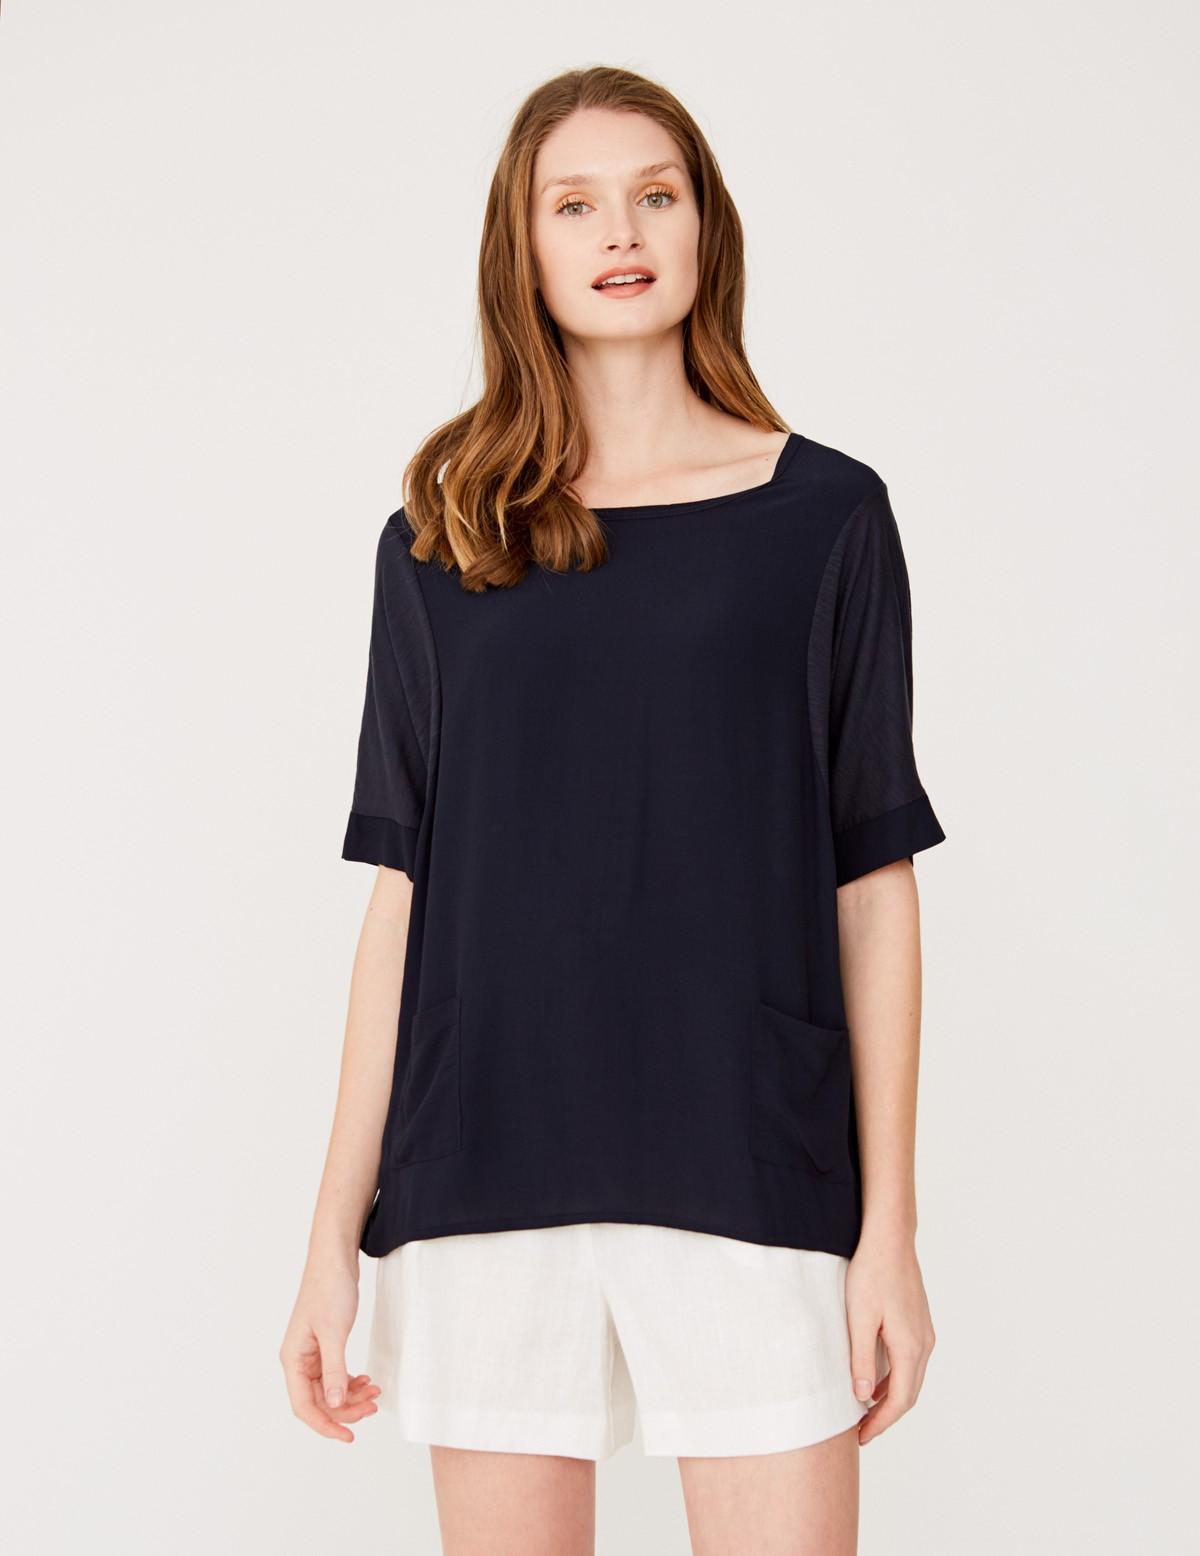 Camiseta combinación de tejidos